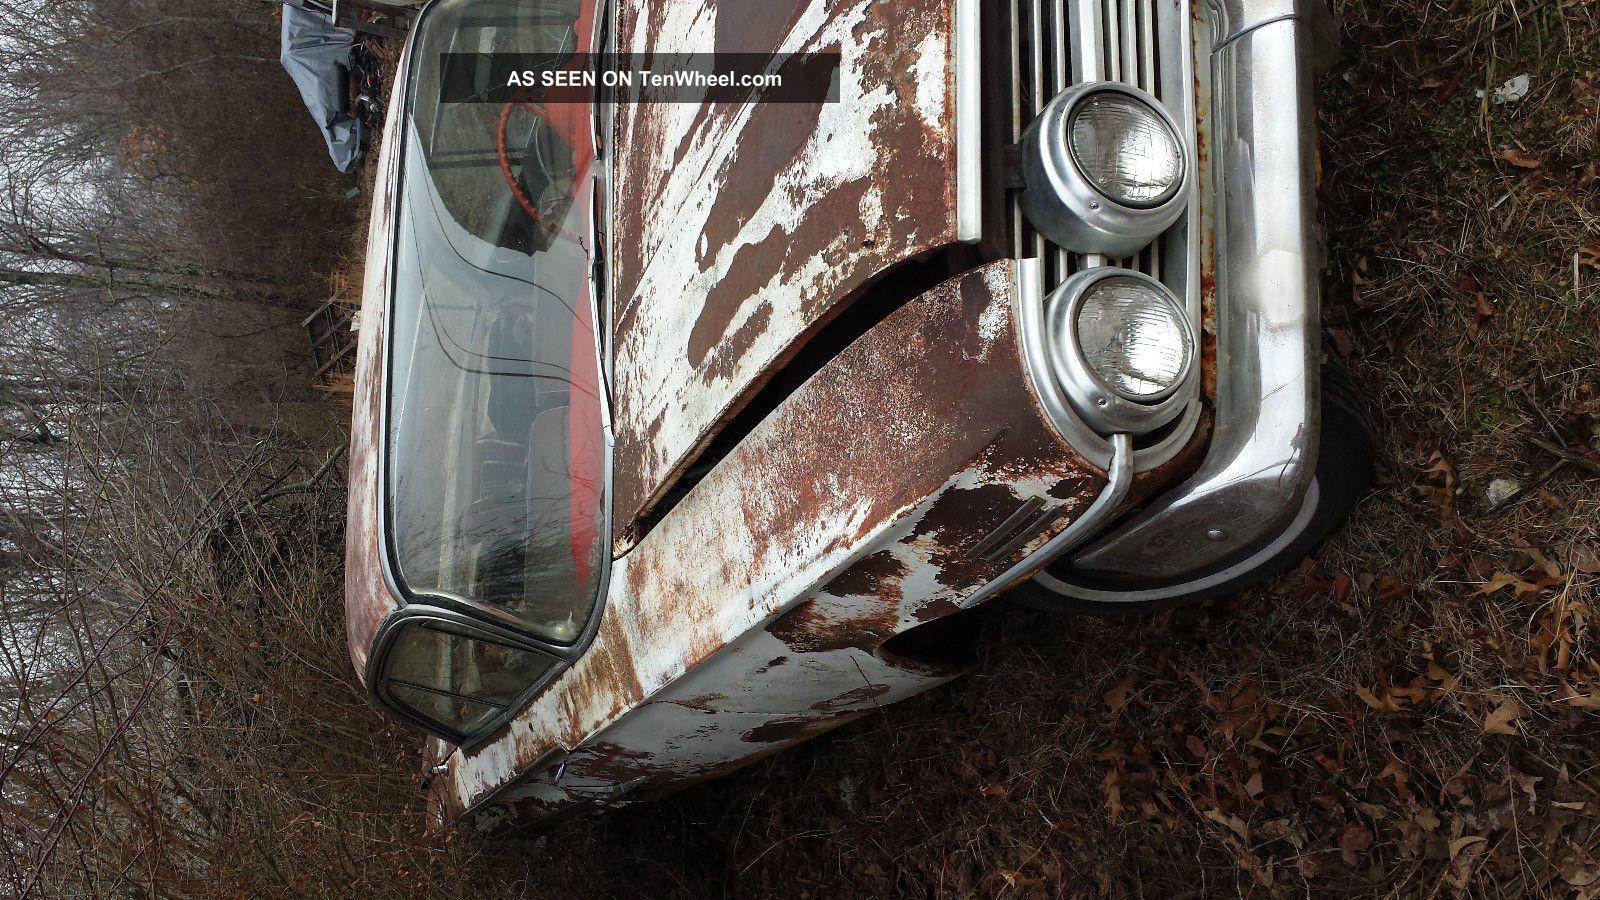 Chevrolet Impala 2dr Ht 1960 Impala photo